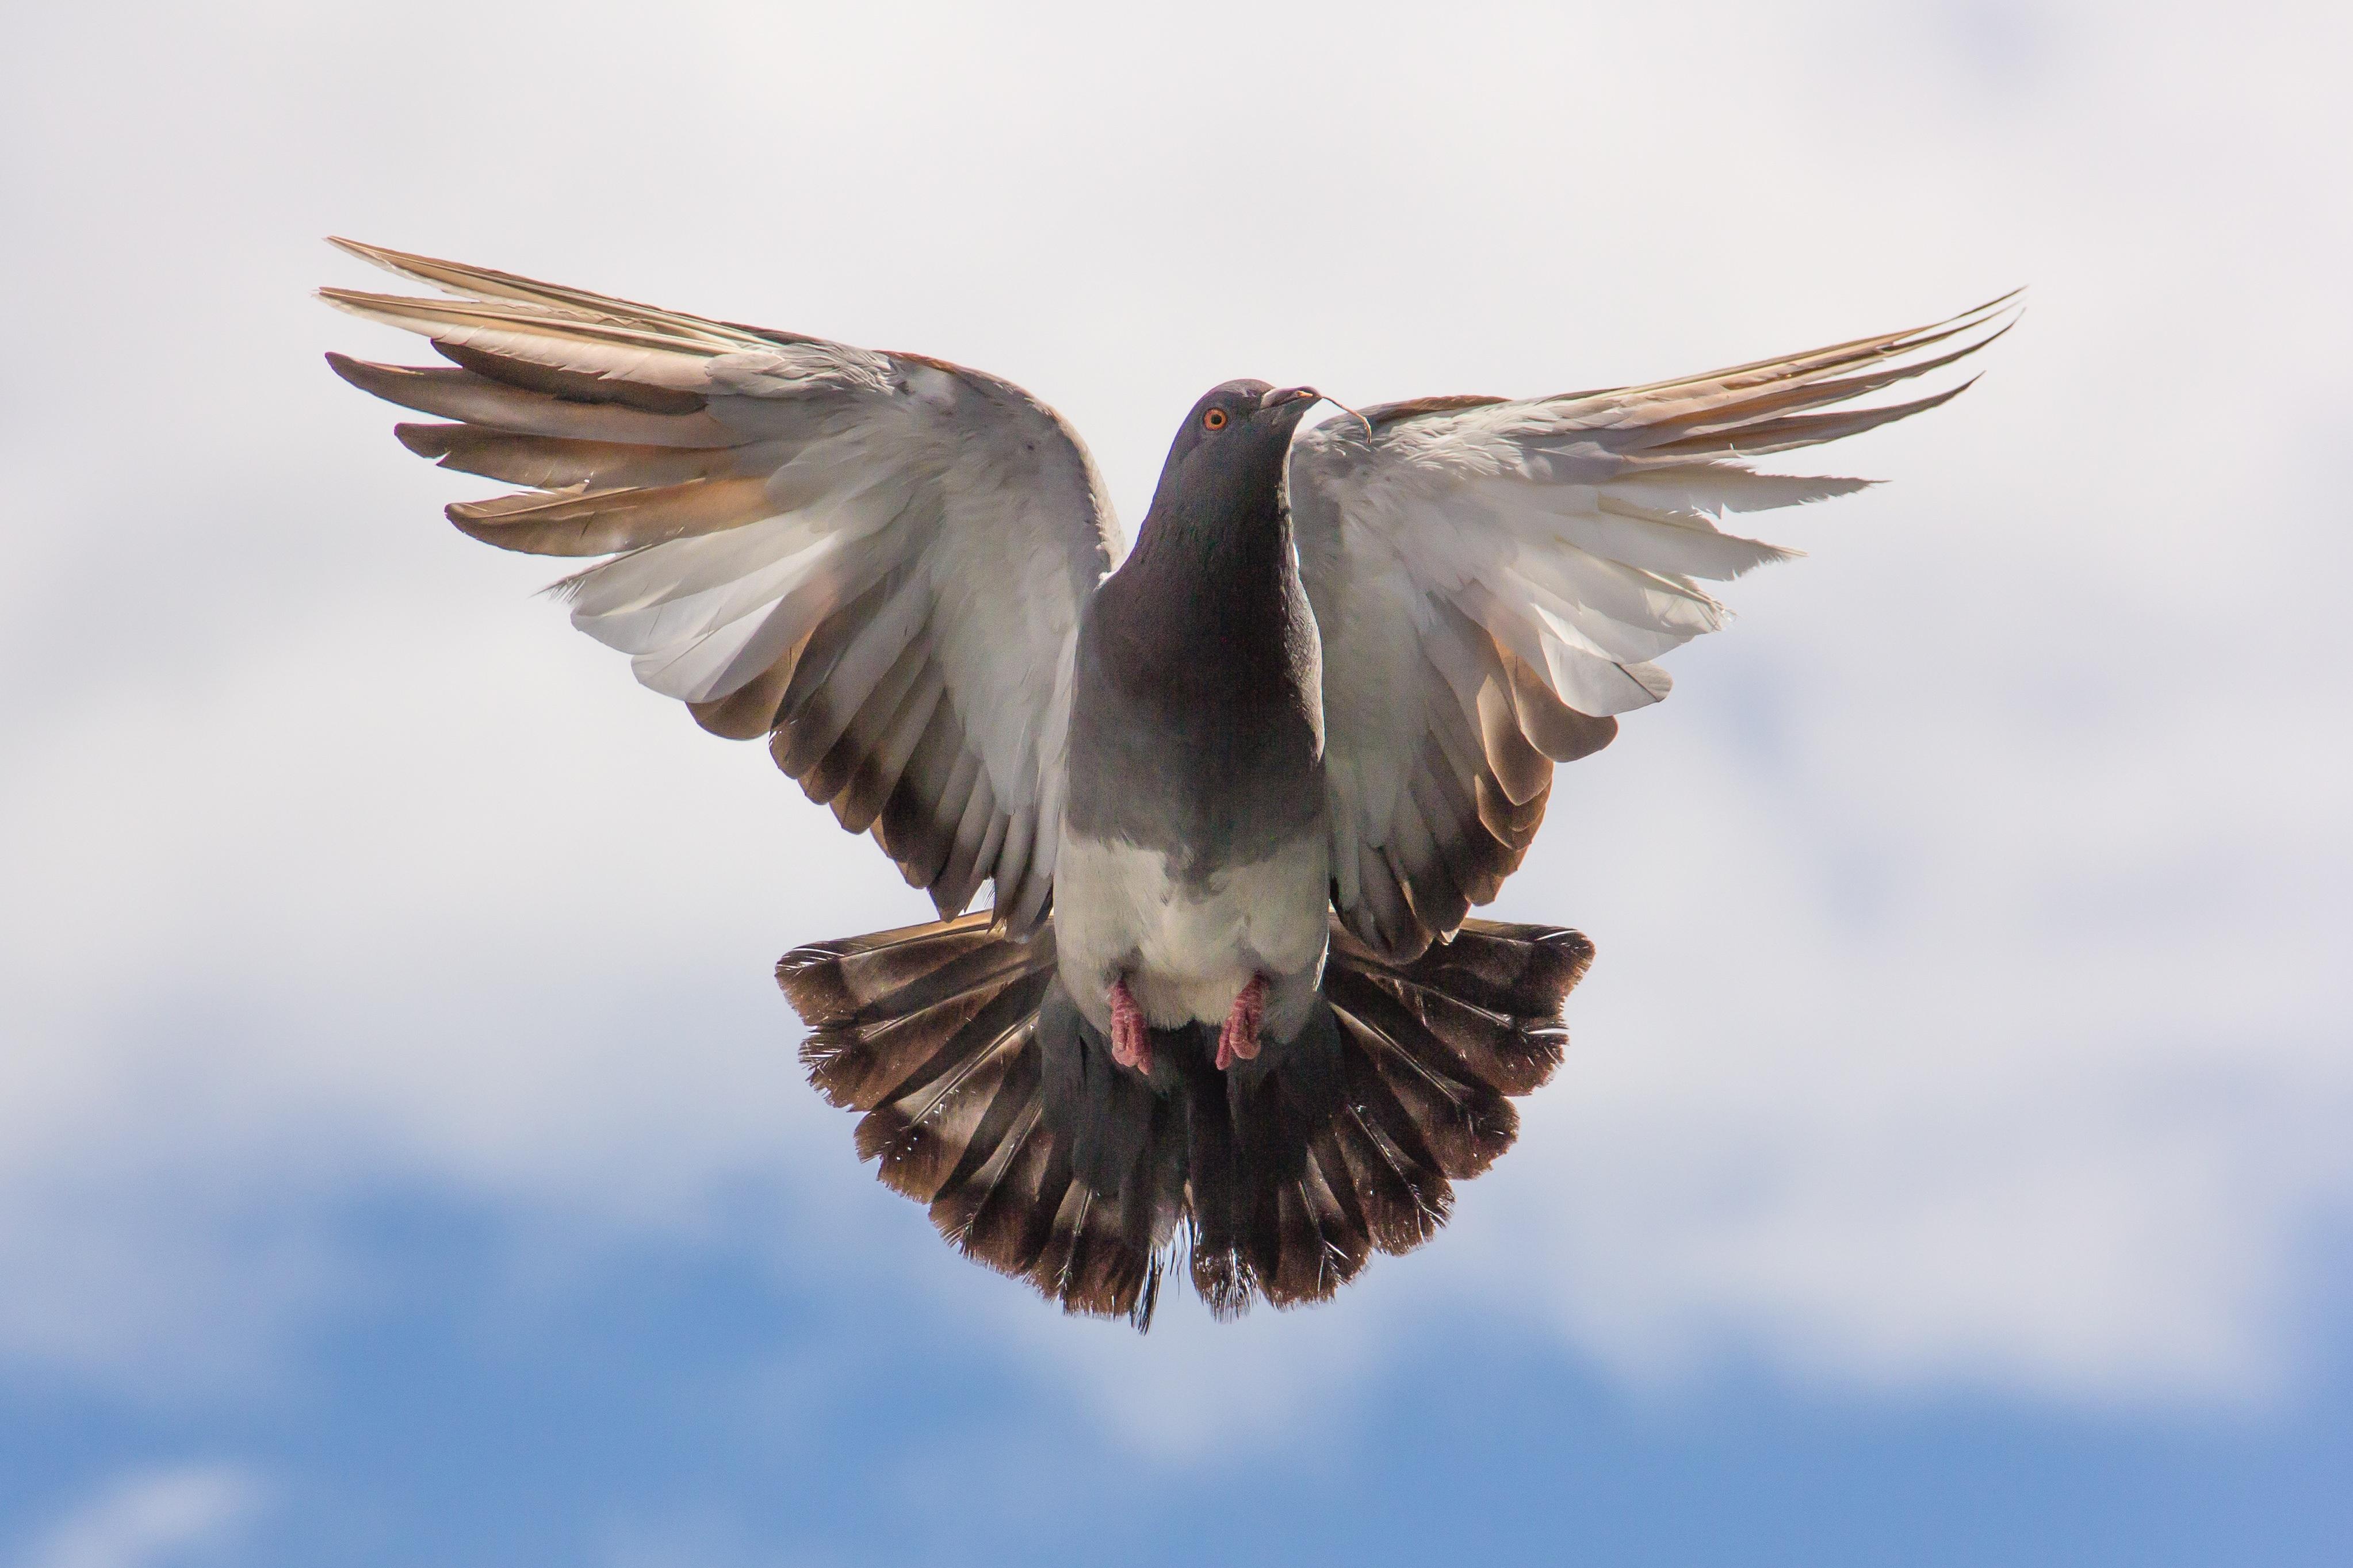 птица ветка клюв крылья  № 1996061 бесплатно